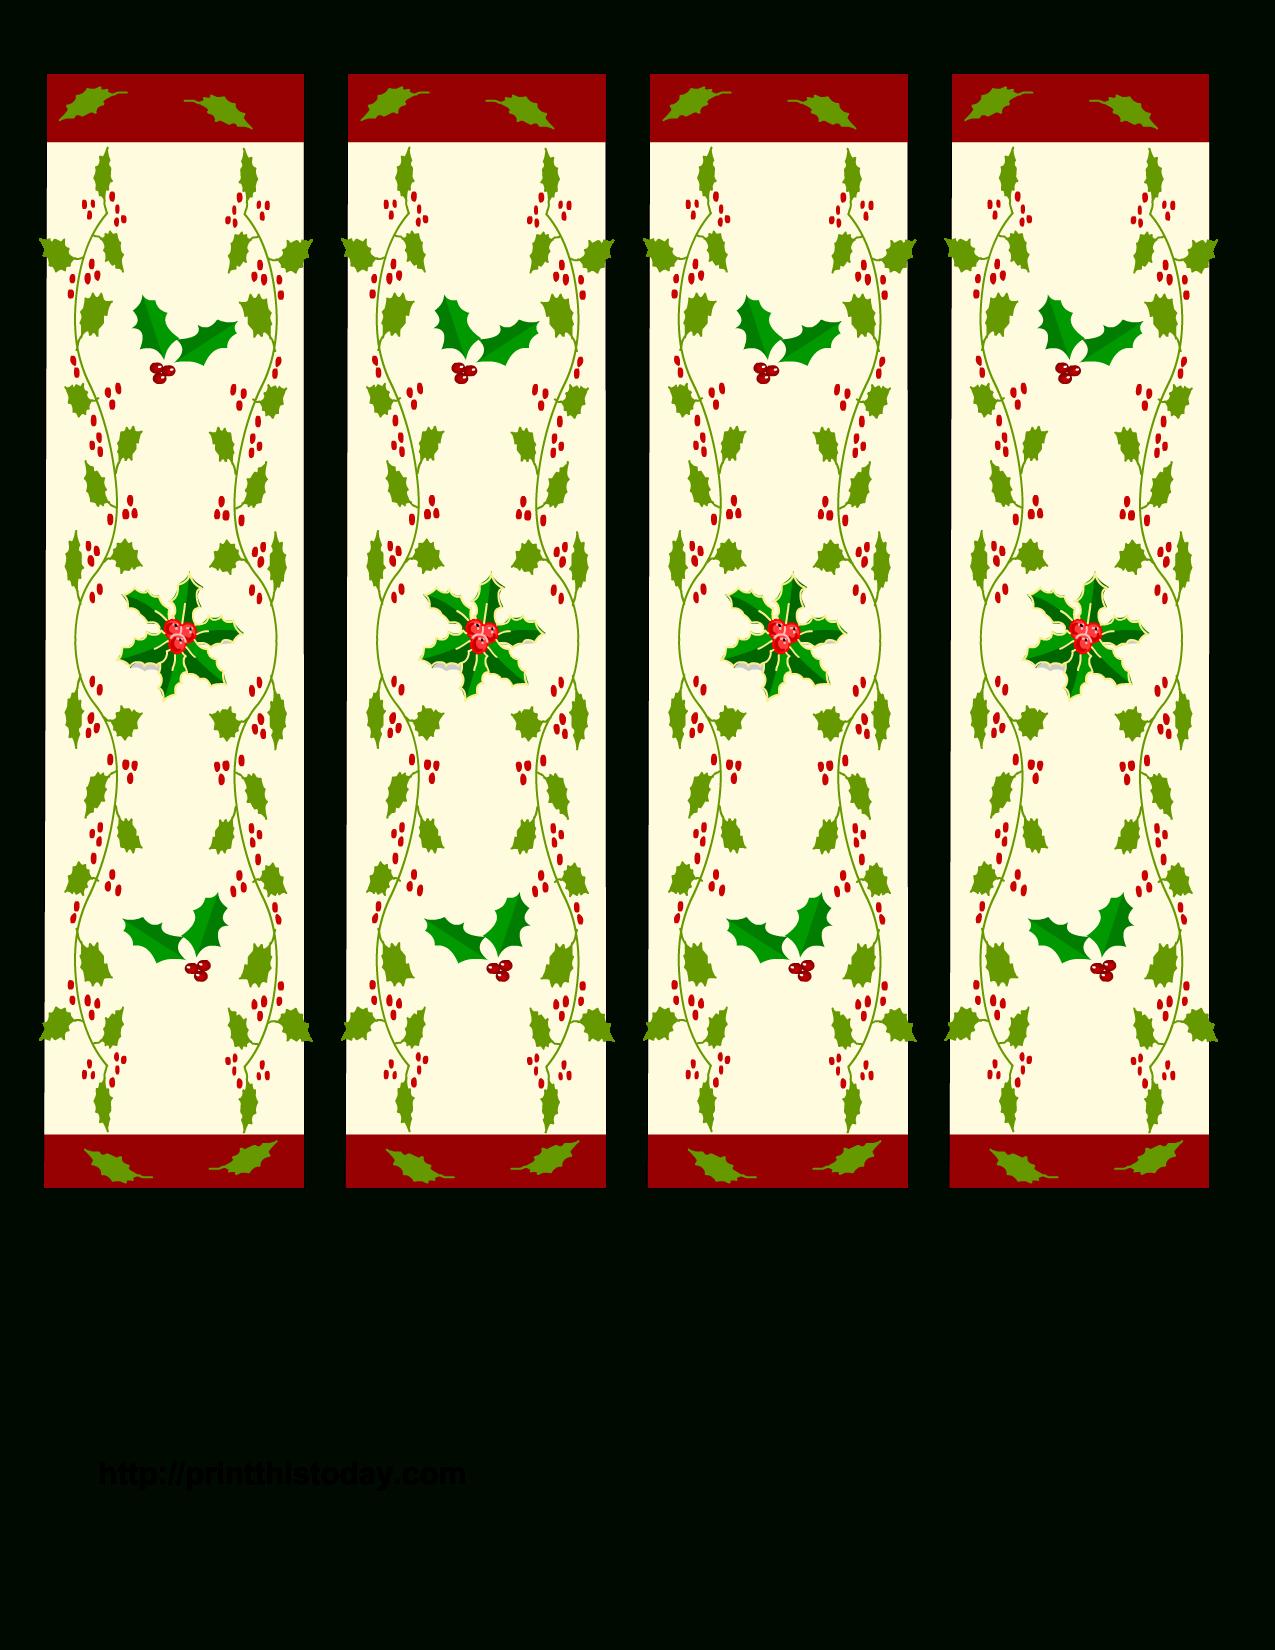 Free Printable Christmas Bookmarks | Christmas Printables - Free Printable Christmas Bookmarks To Color